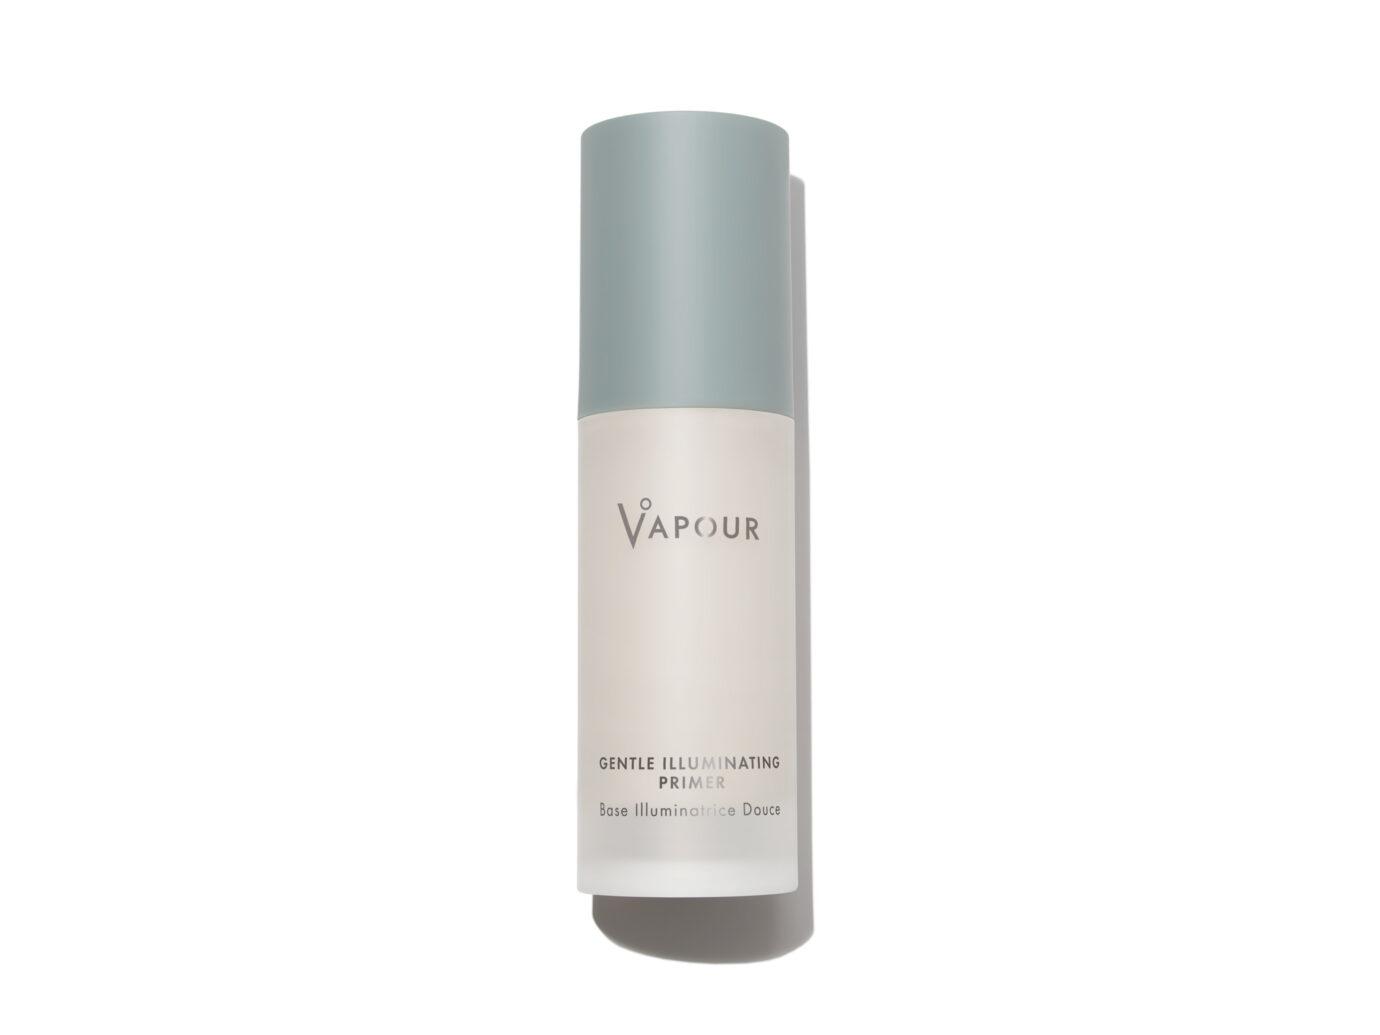 Vapour Gentle Illuminating Primer